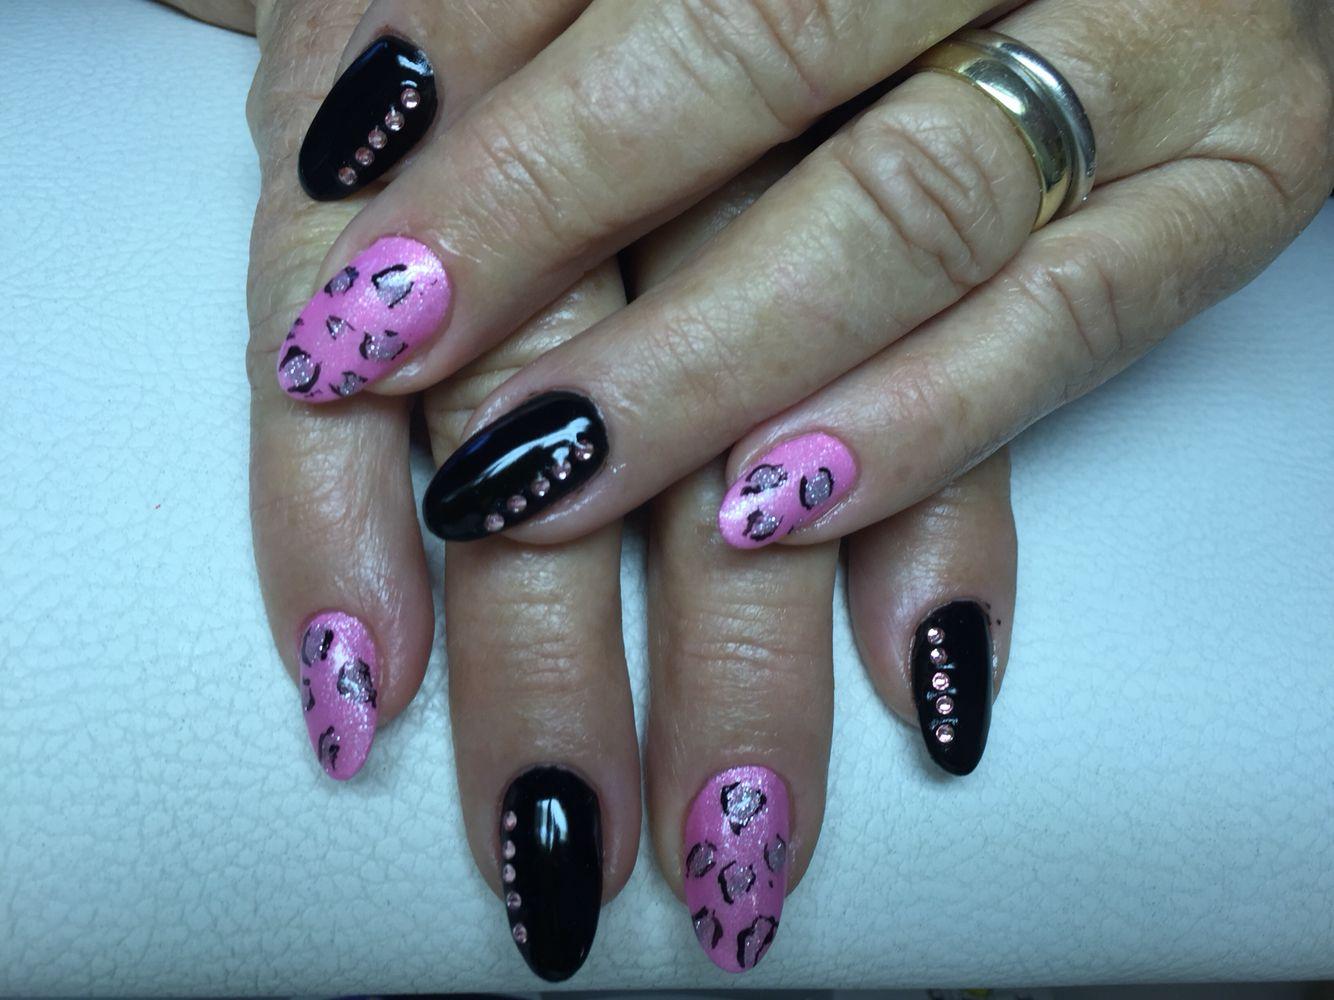 Schwarz#rosa#leopard#swarovskisteinchen# | Nägel/Nails ...